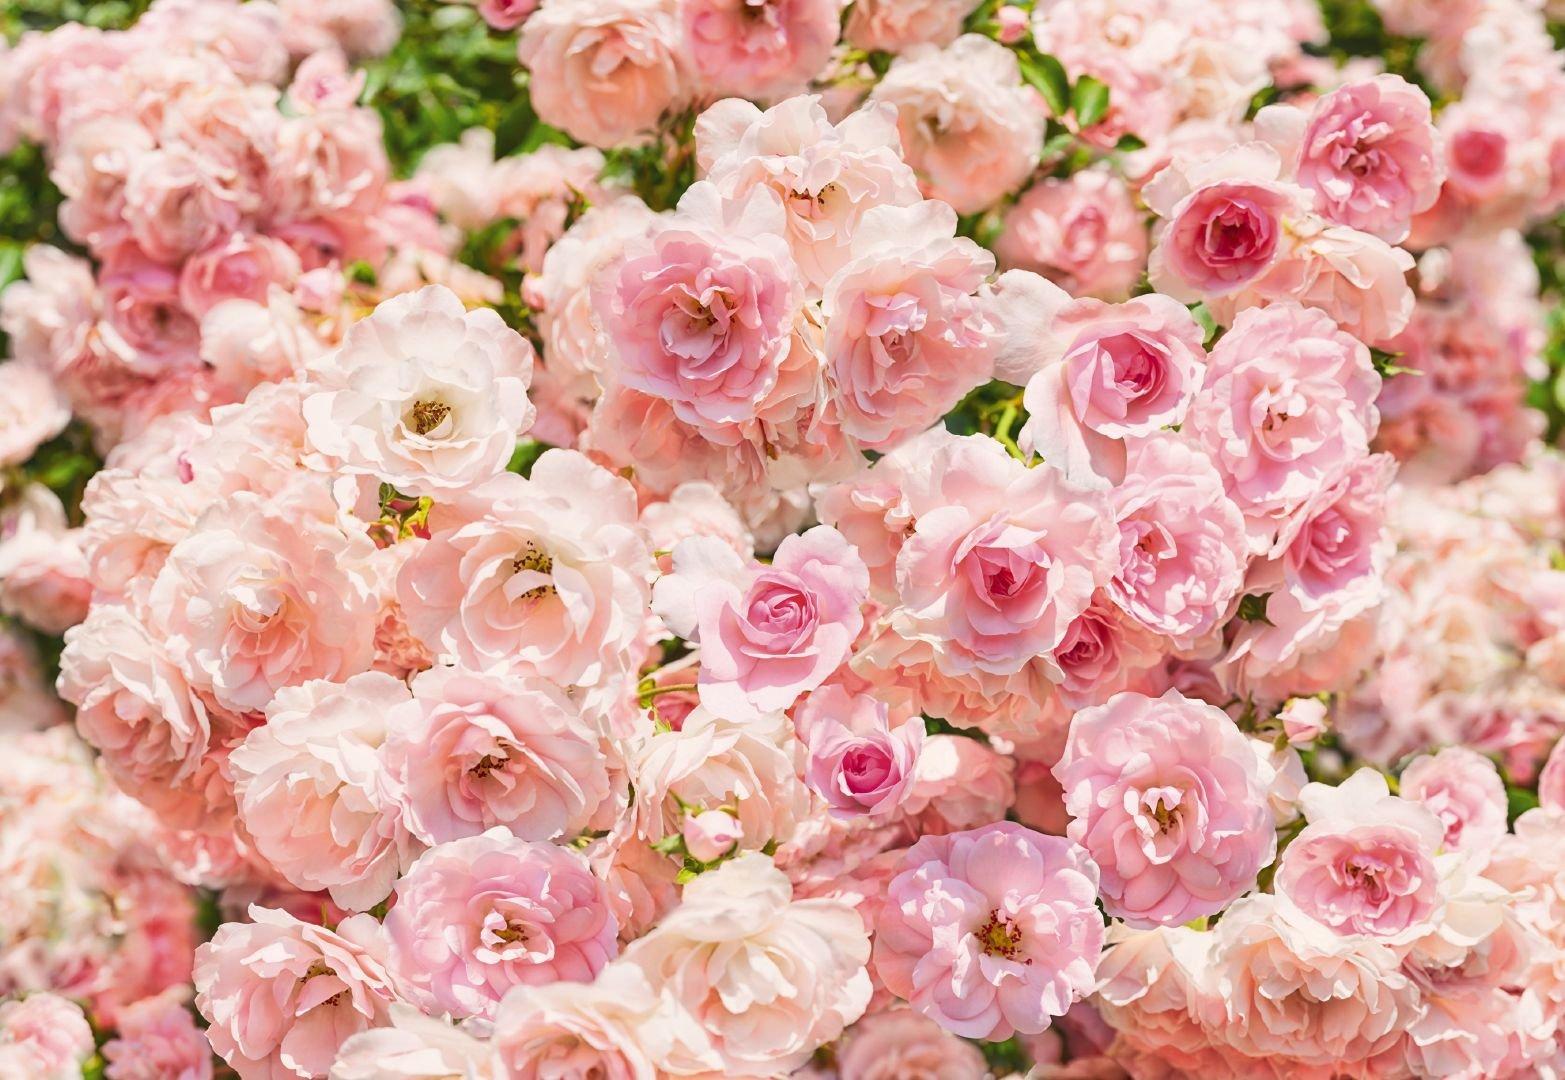 картинки с цветами розового цвета оформлению договора